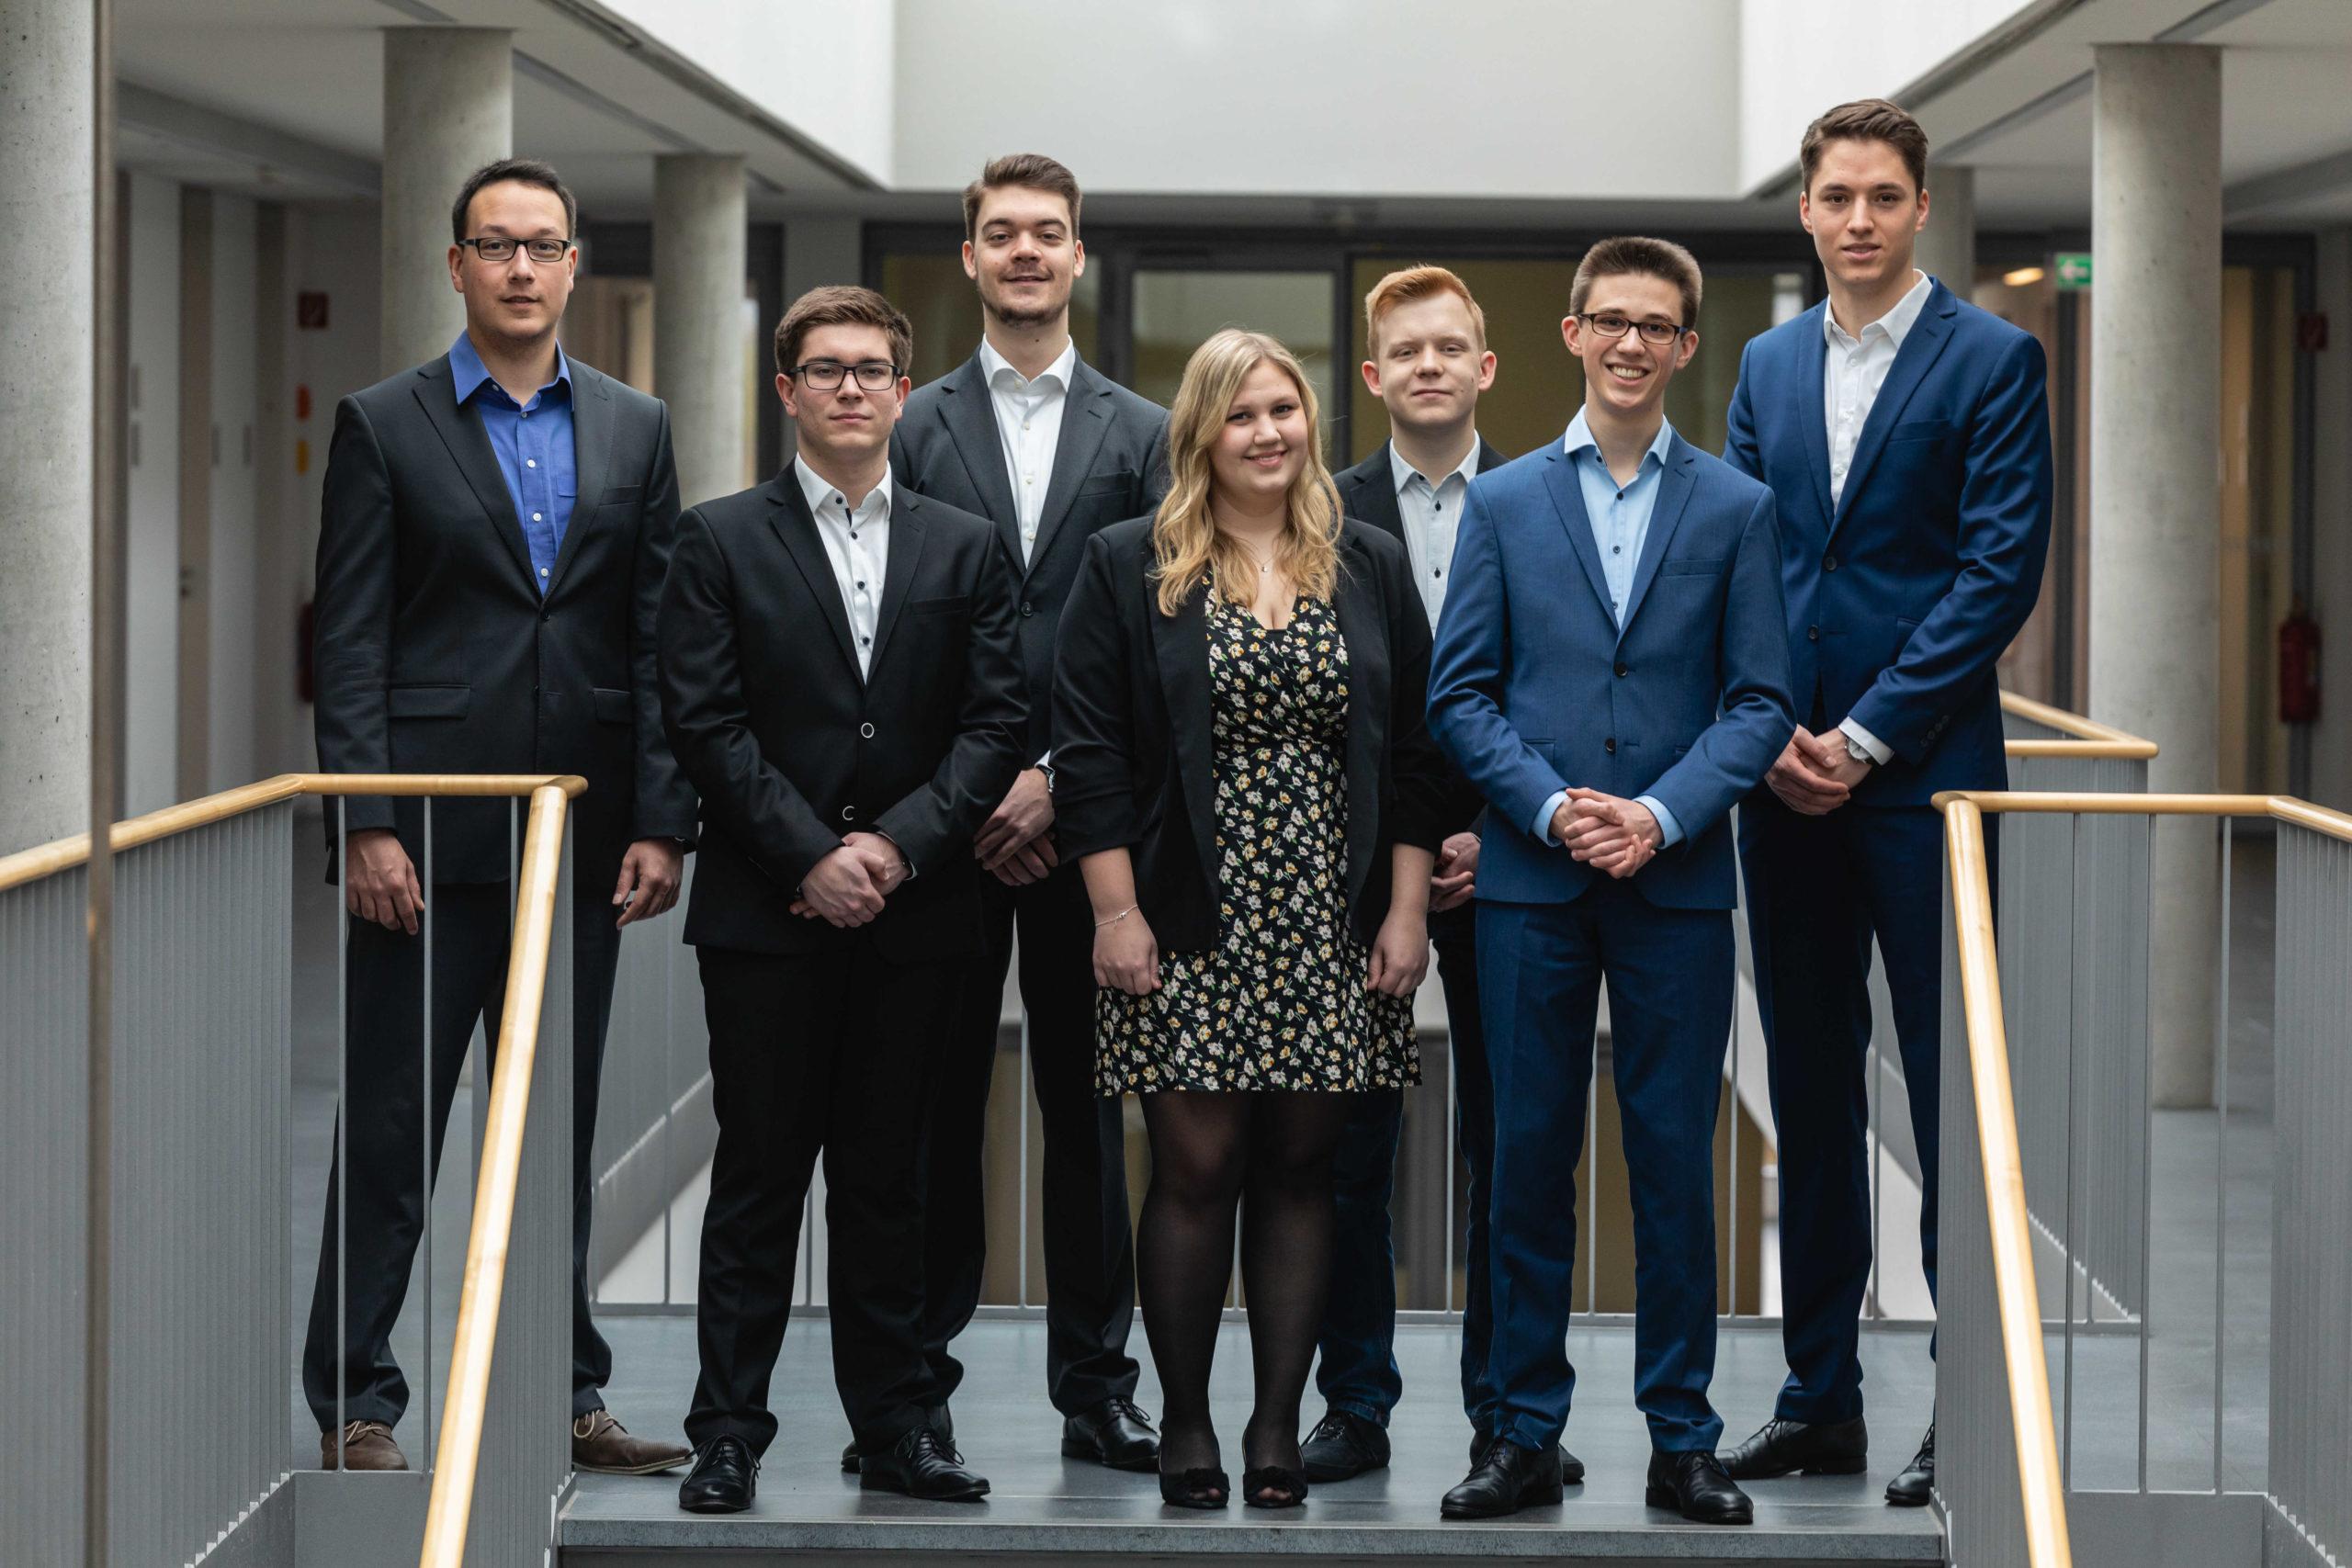 Vorstandsteam des Bayreuther Börsenvereins im Zeitraum 2019-20